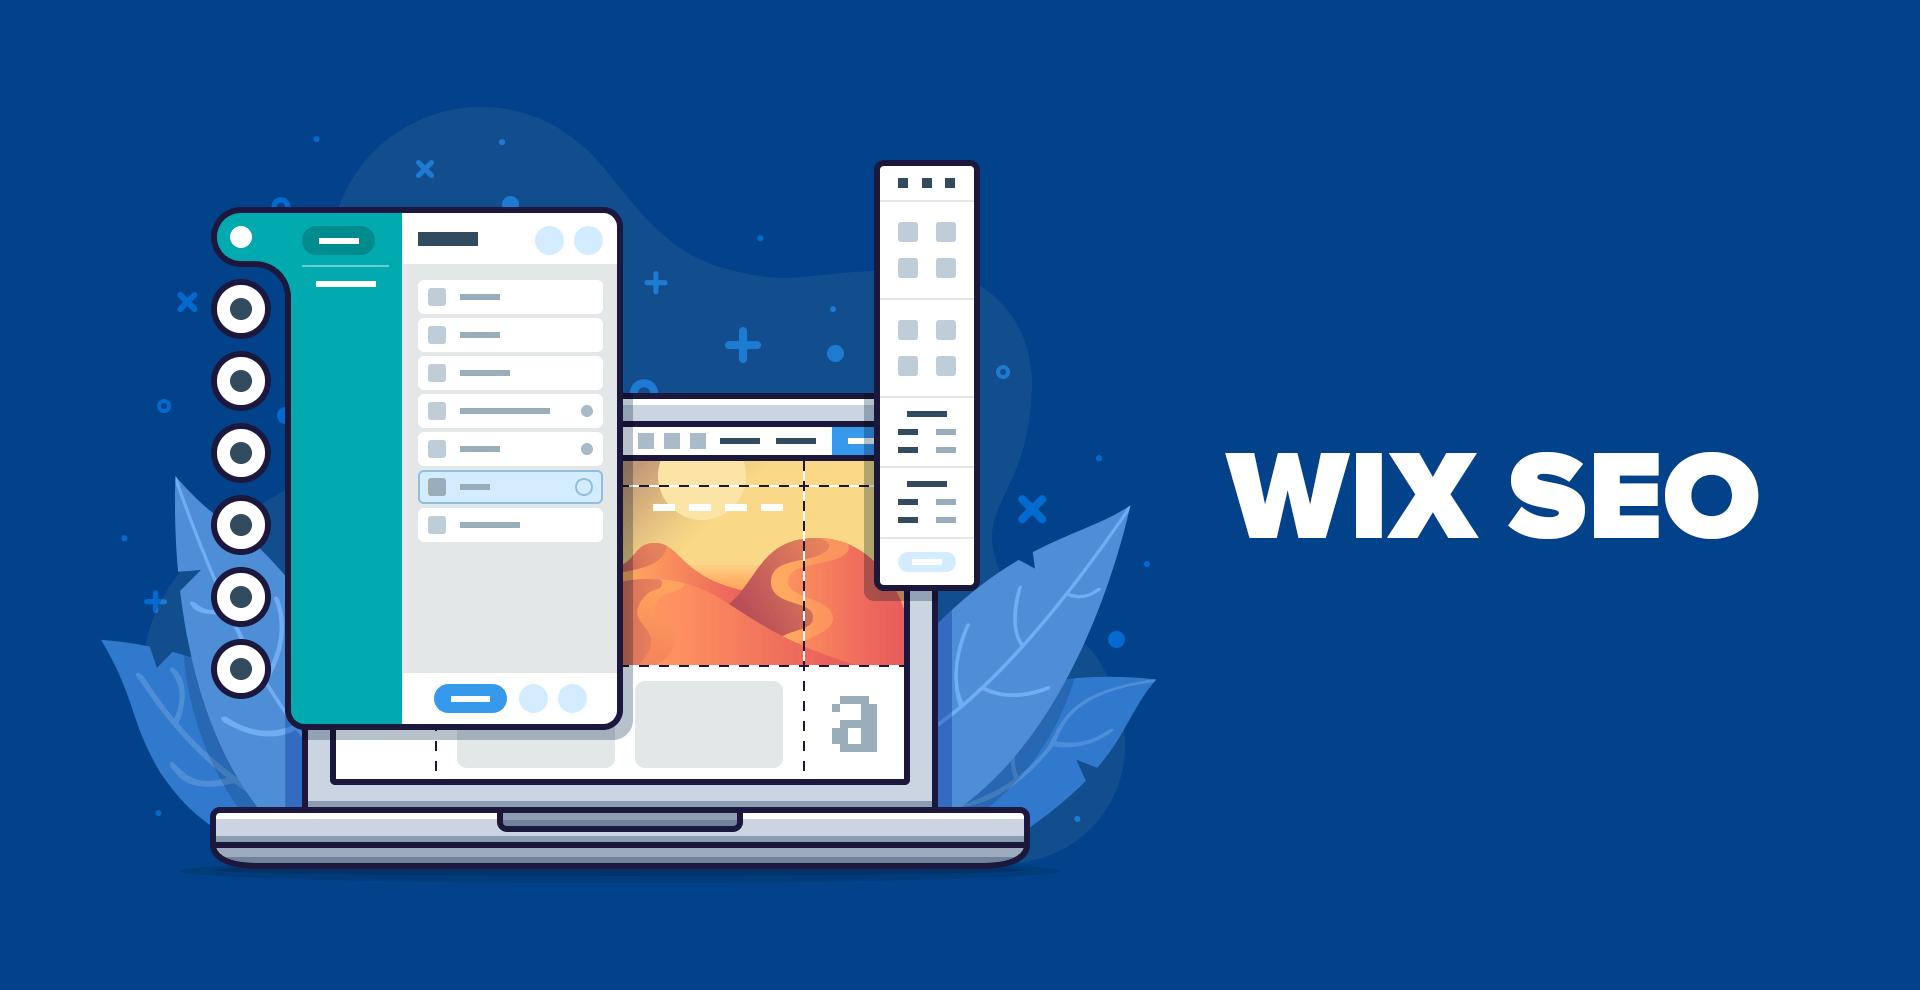 fb-wix-seo-1